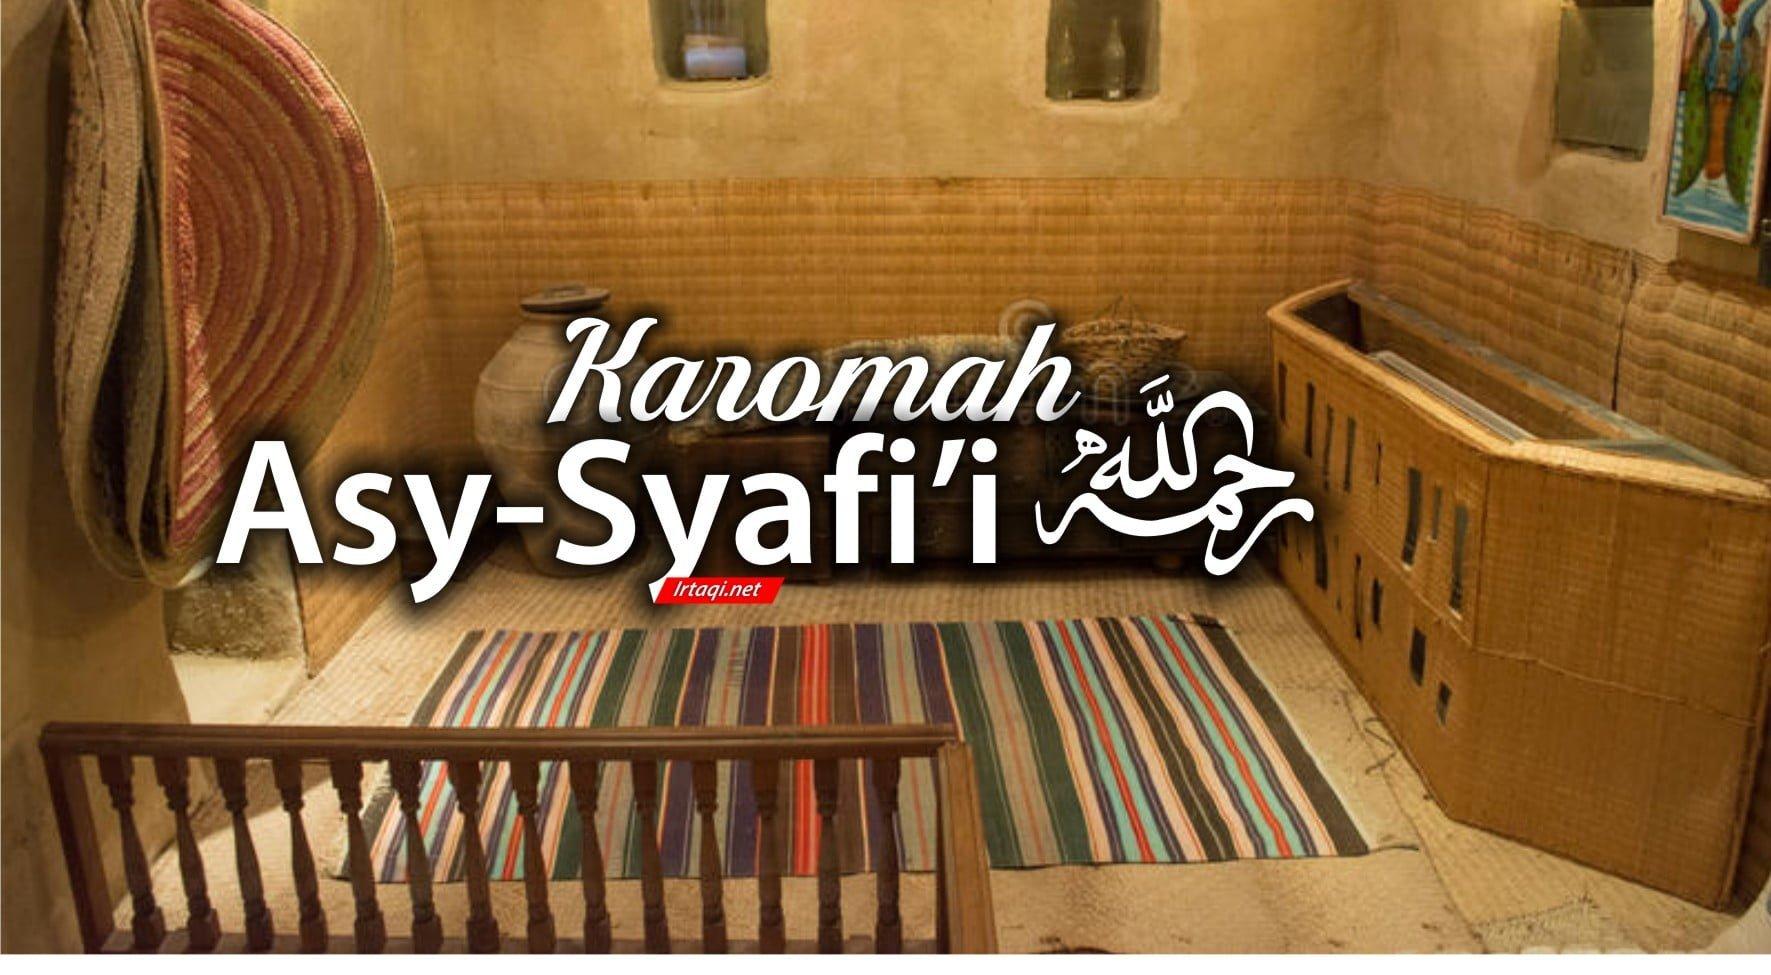 KAROMAH AL-IMAM ASY-SYAFI'i